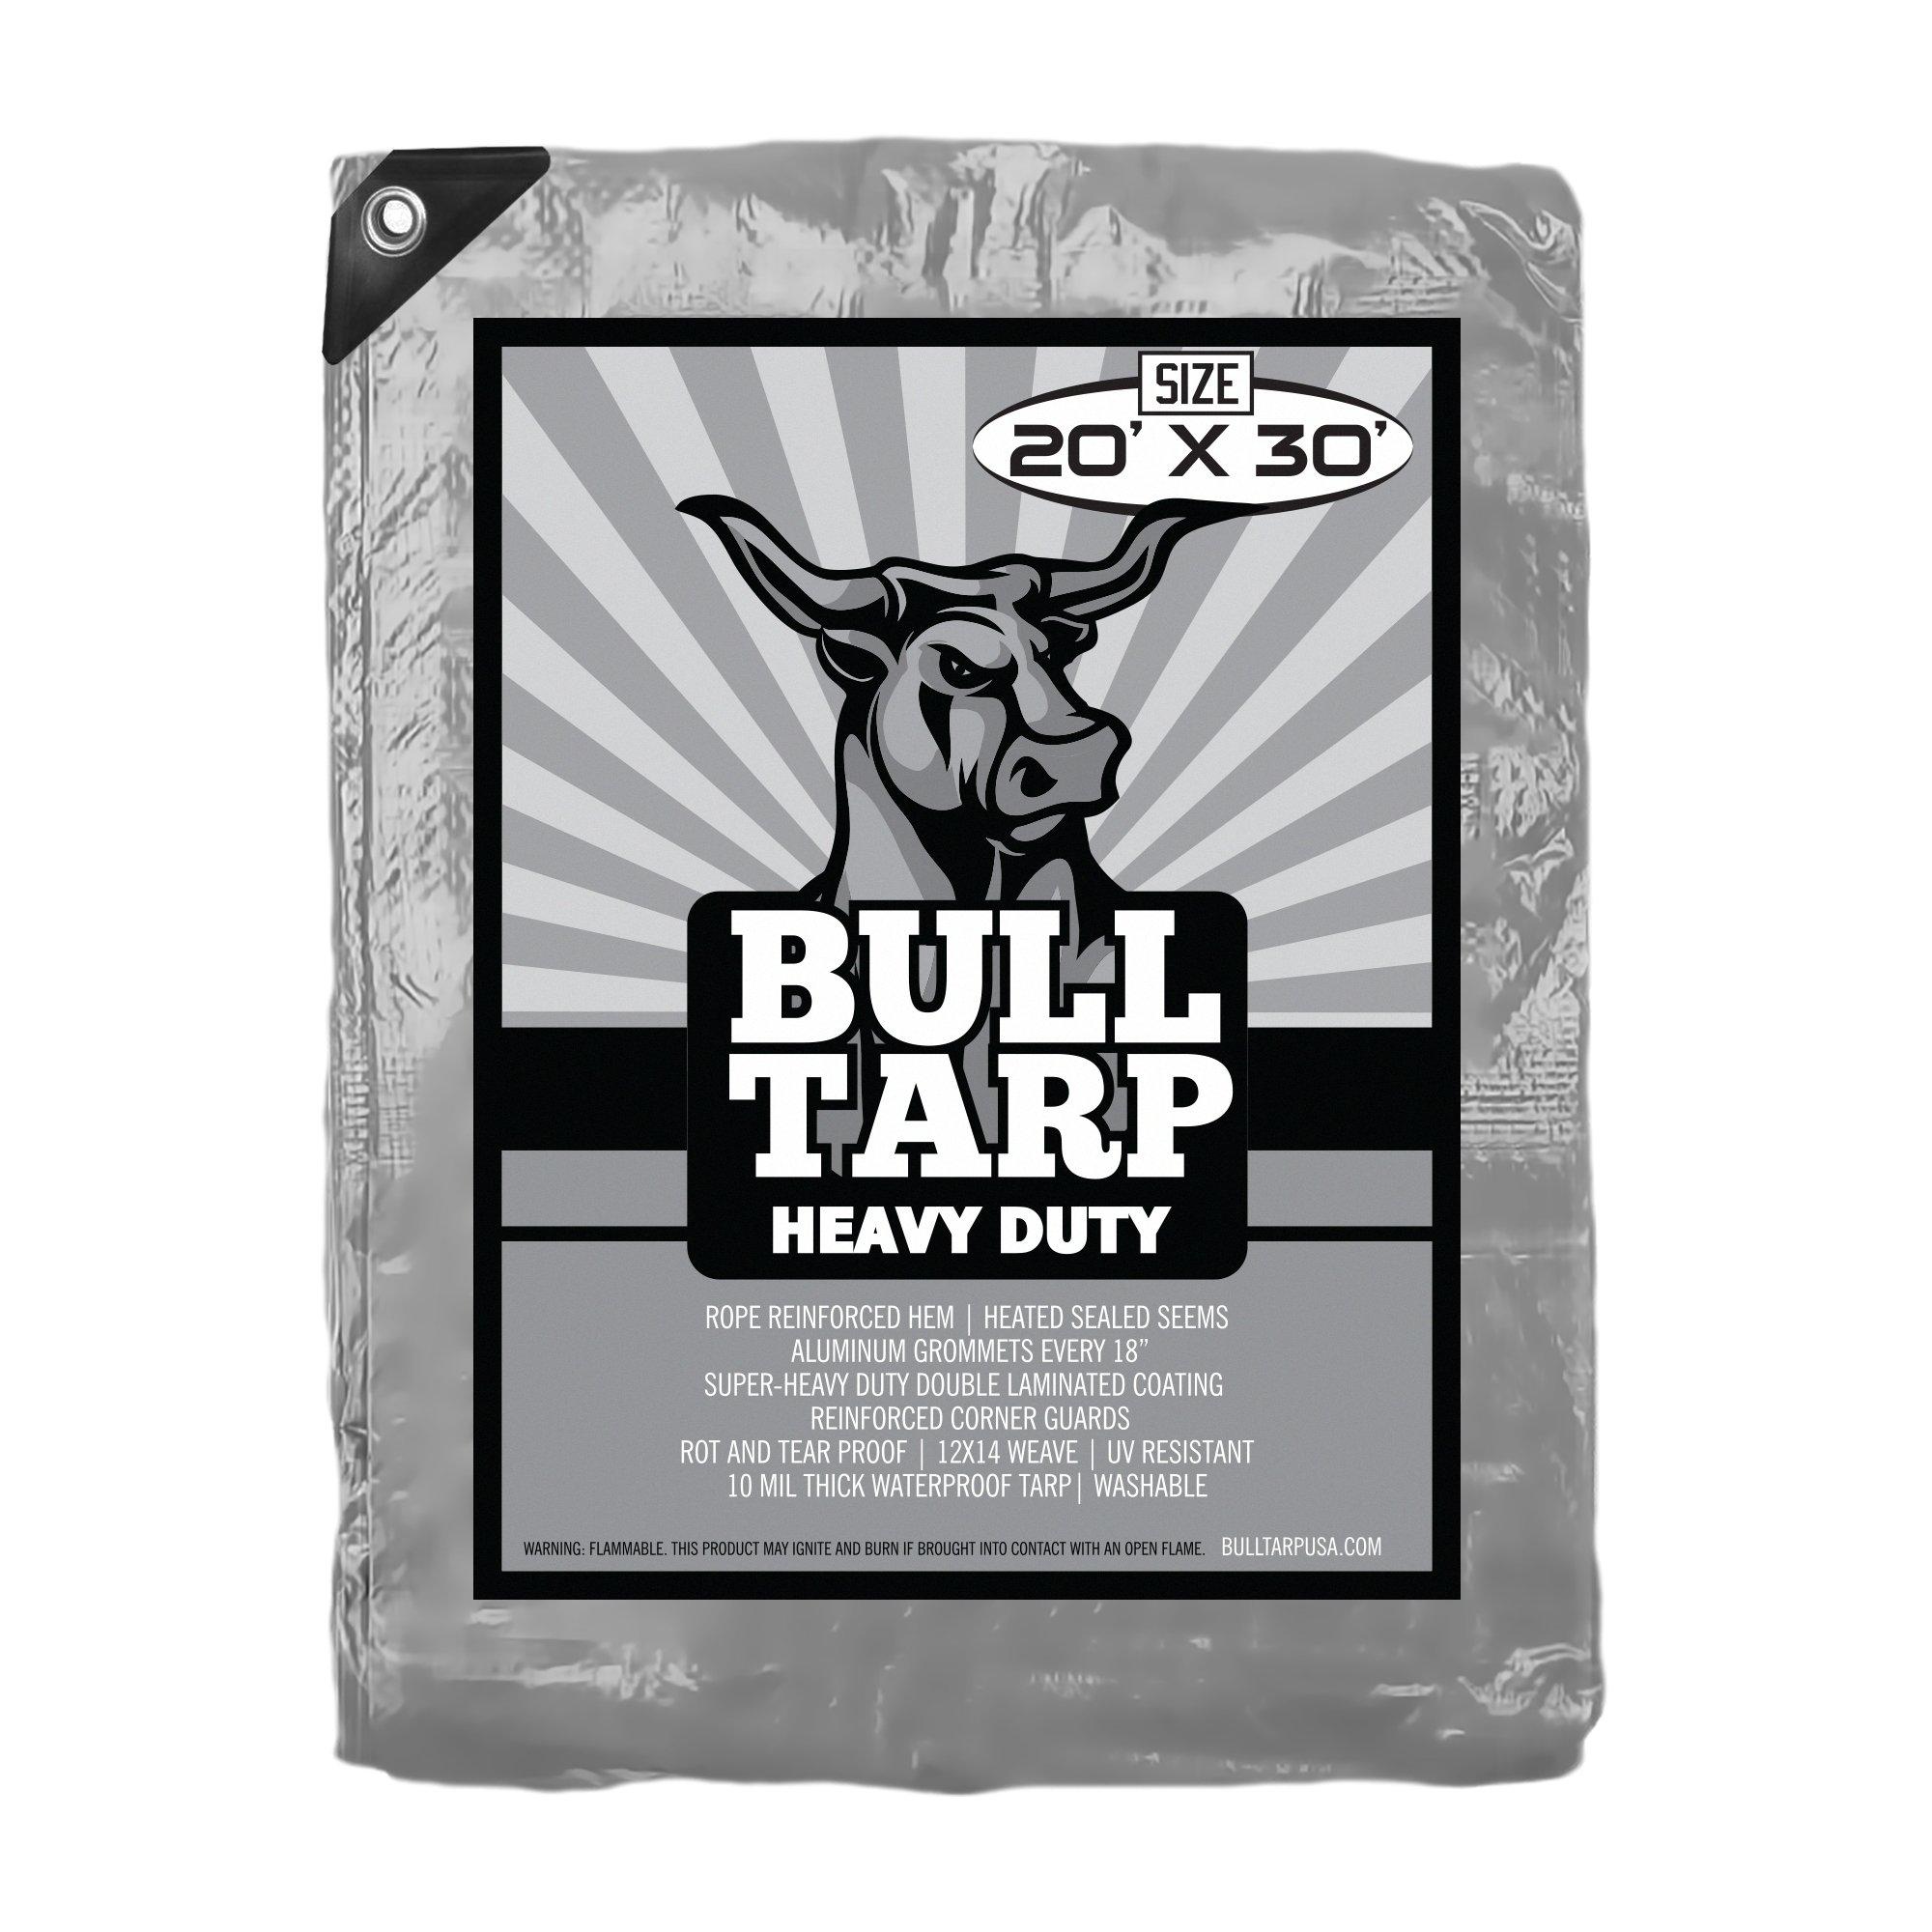 Bull-Tarp Super Heavy Duty, Silver/Black, Waterproof, Tent Shelter, Tarpaulin, Fire Wood Cover, Multi-Purpose Heavy Duty Poly Tarp, Reinforced Grommets Every 18'' (20X30)